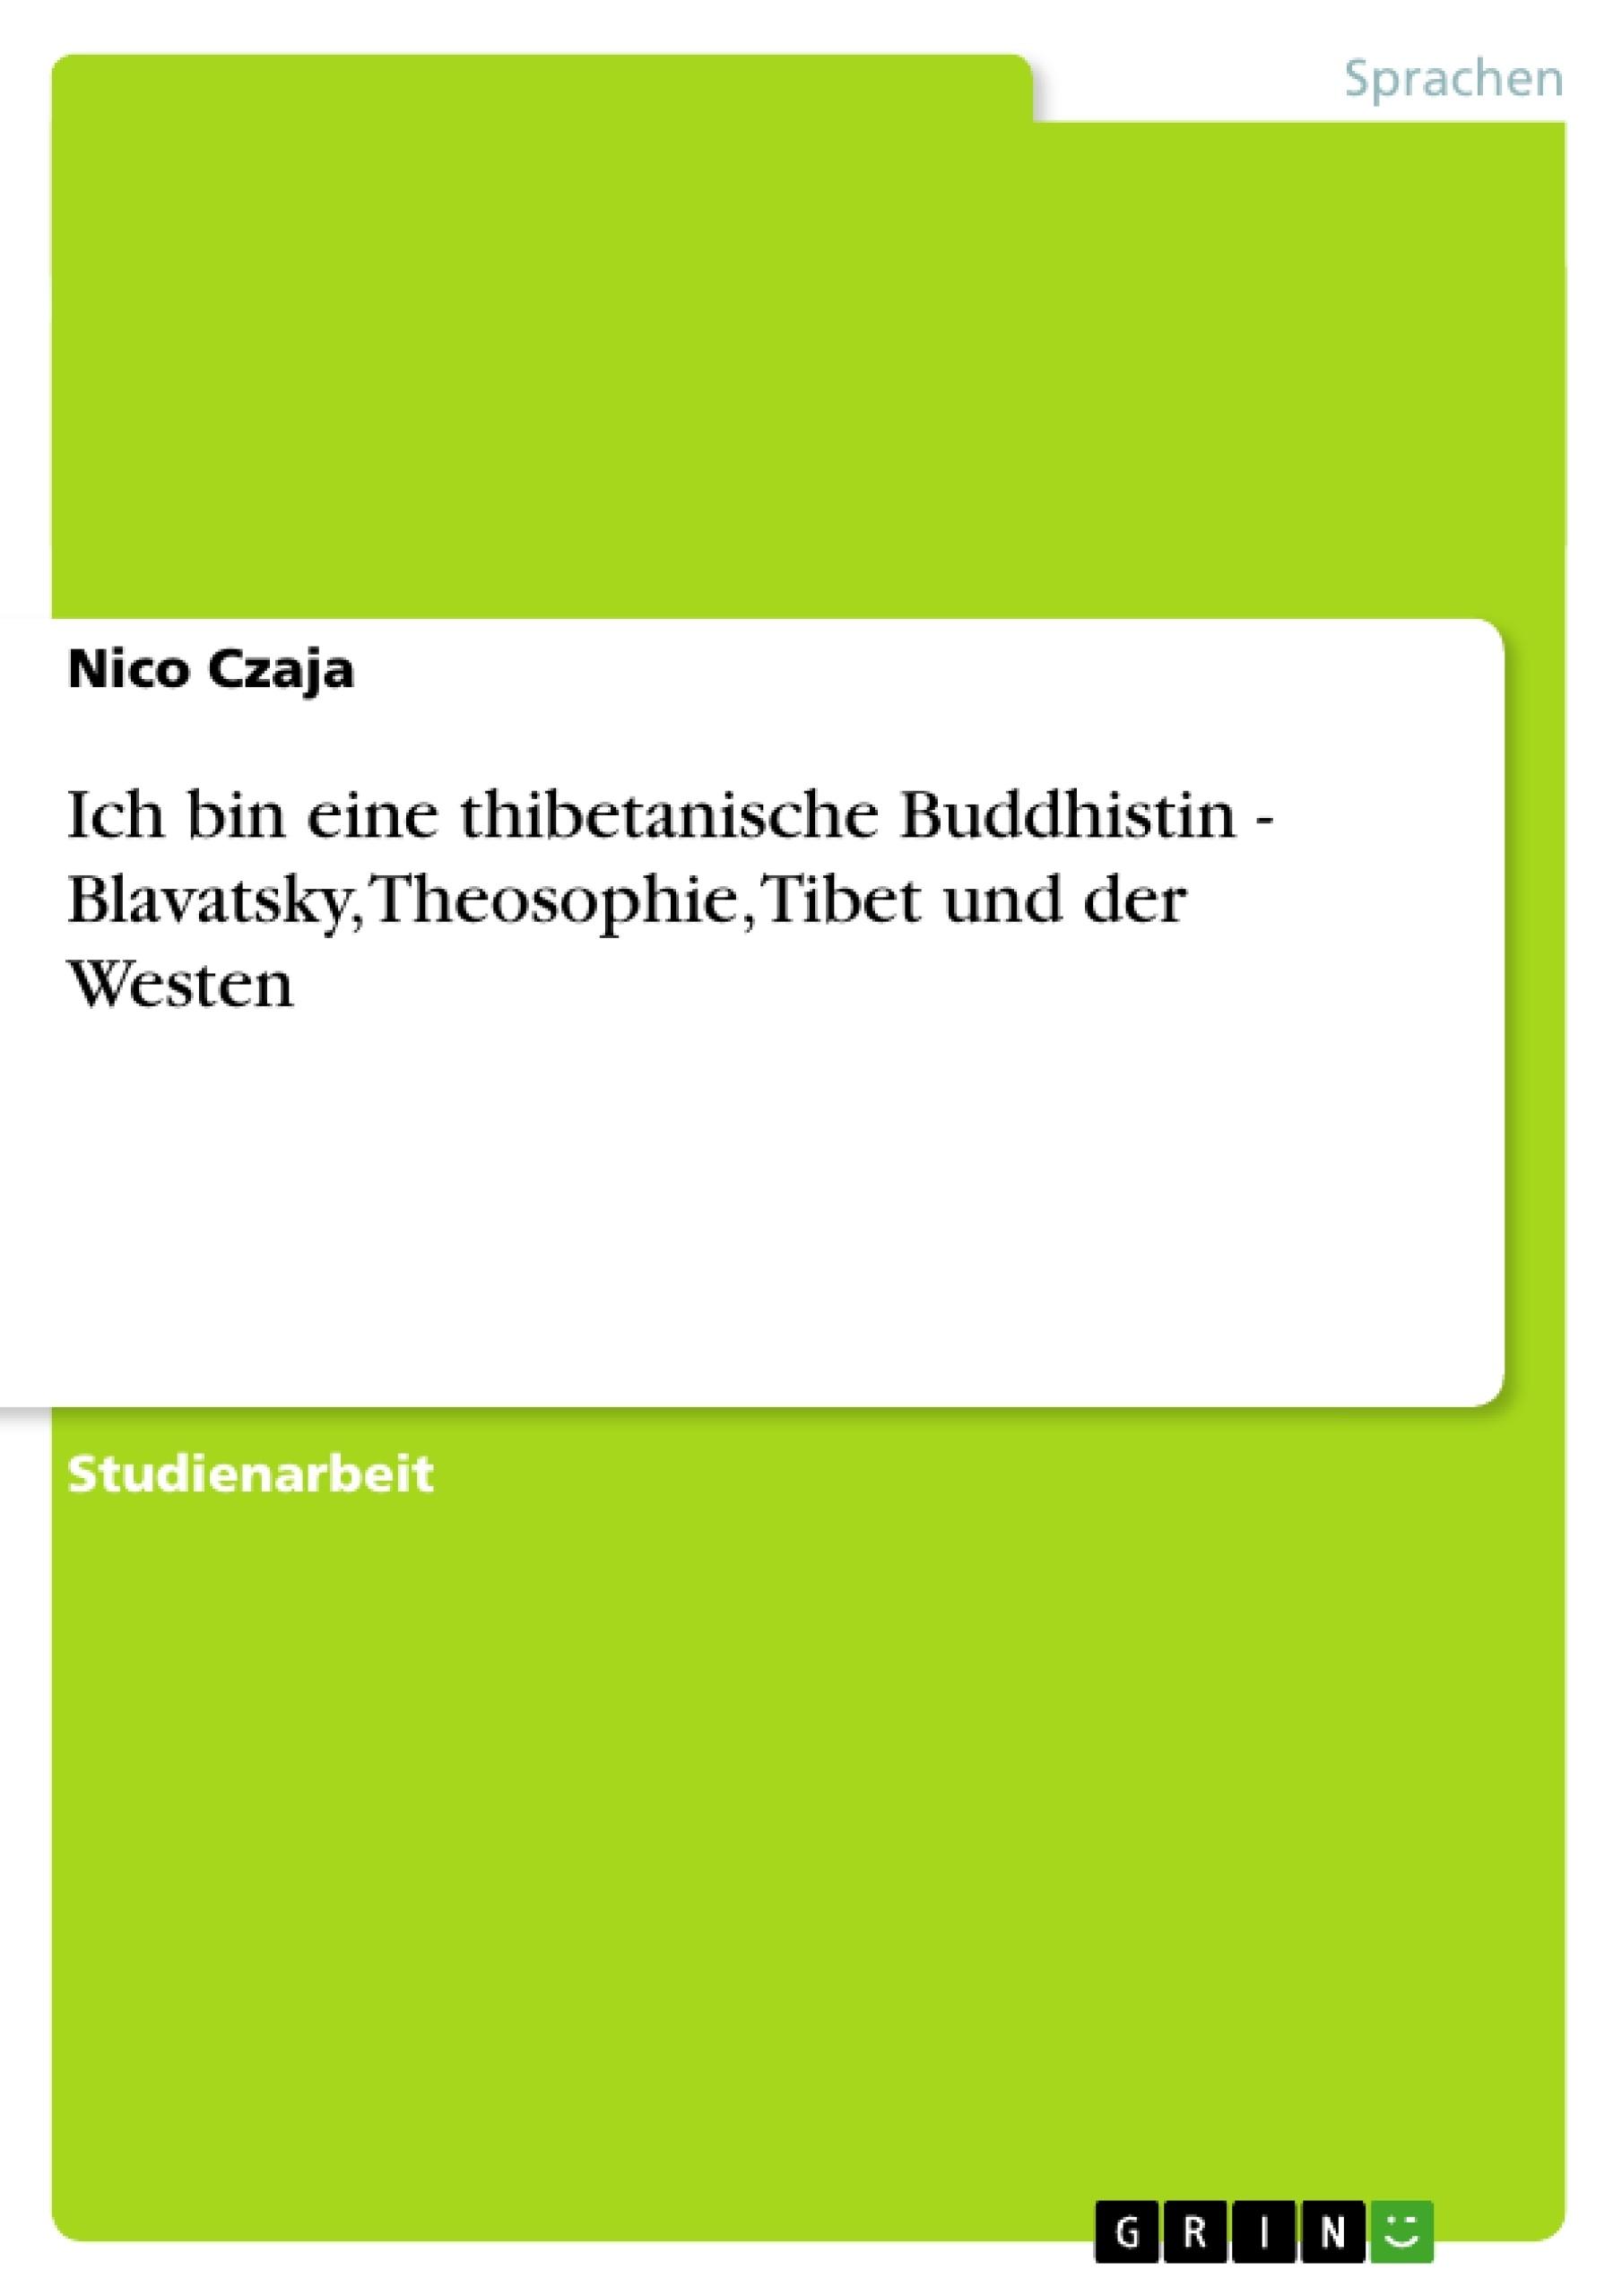 Titel: Ich bin eine thibetanische Buddhistin - Blavatsky, Theosophie, Tibet und der Westen